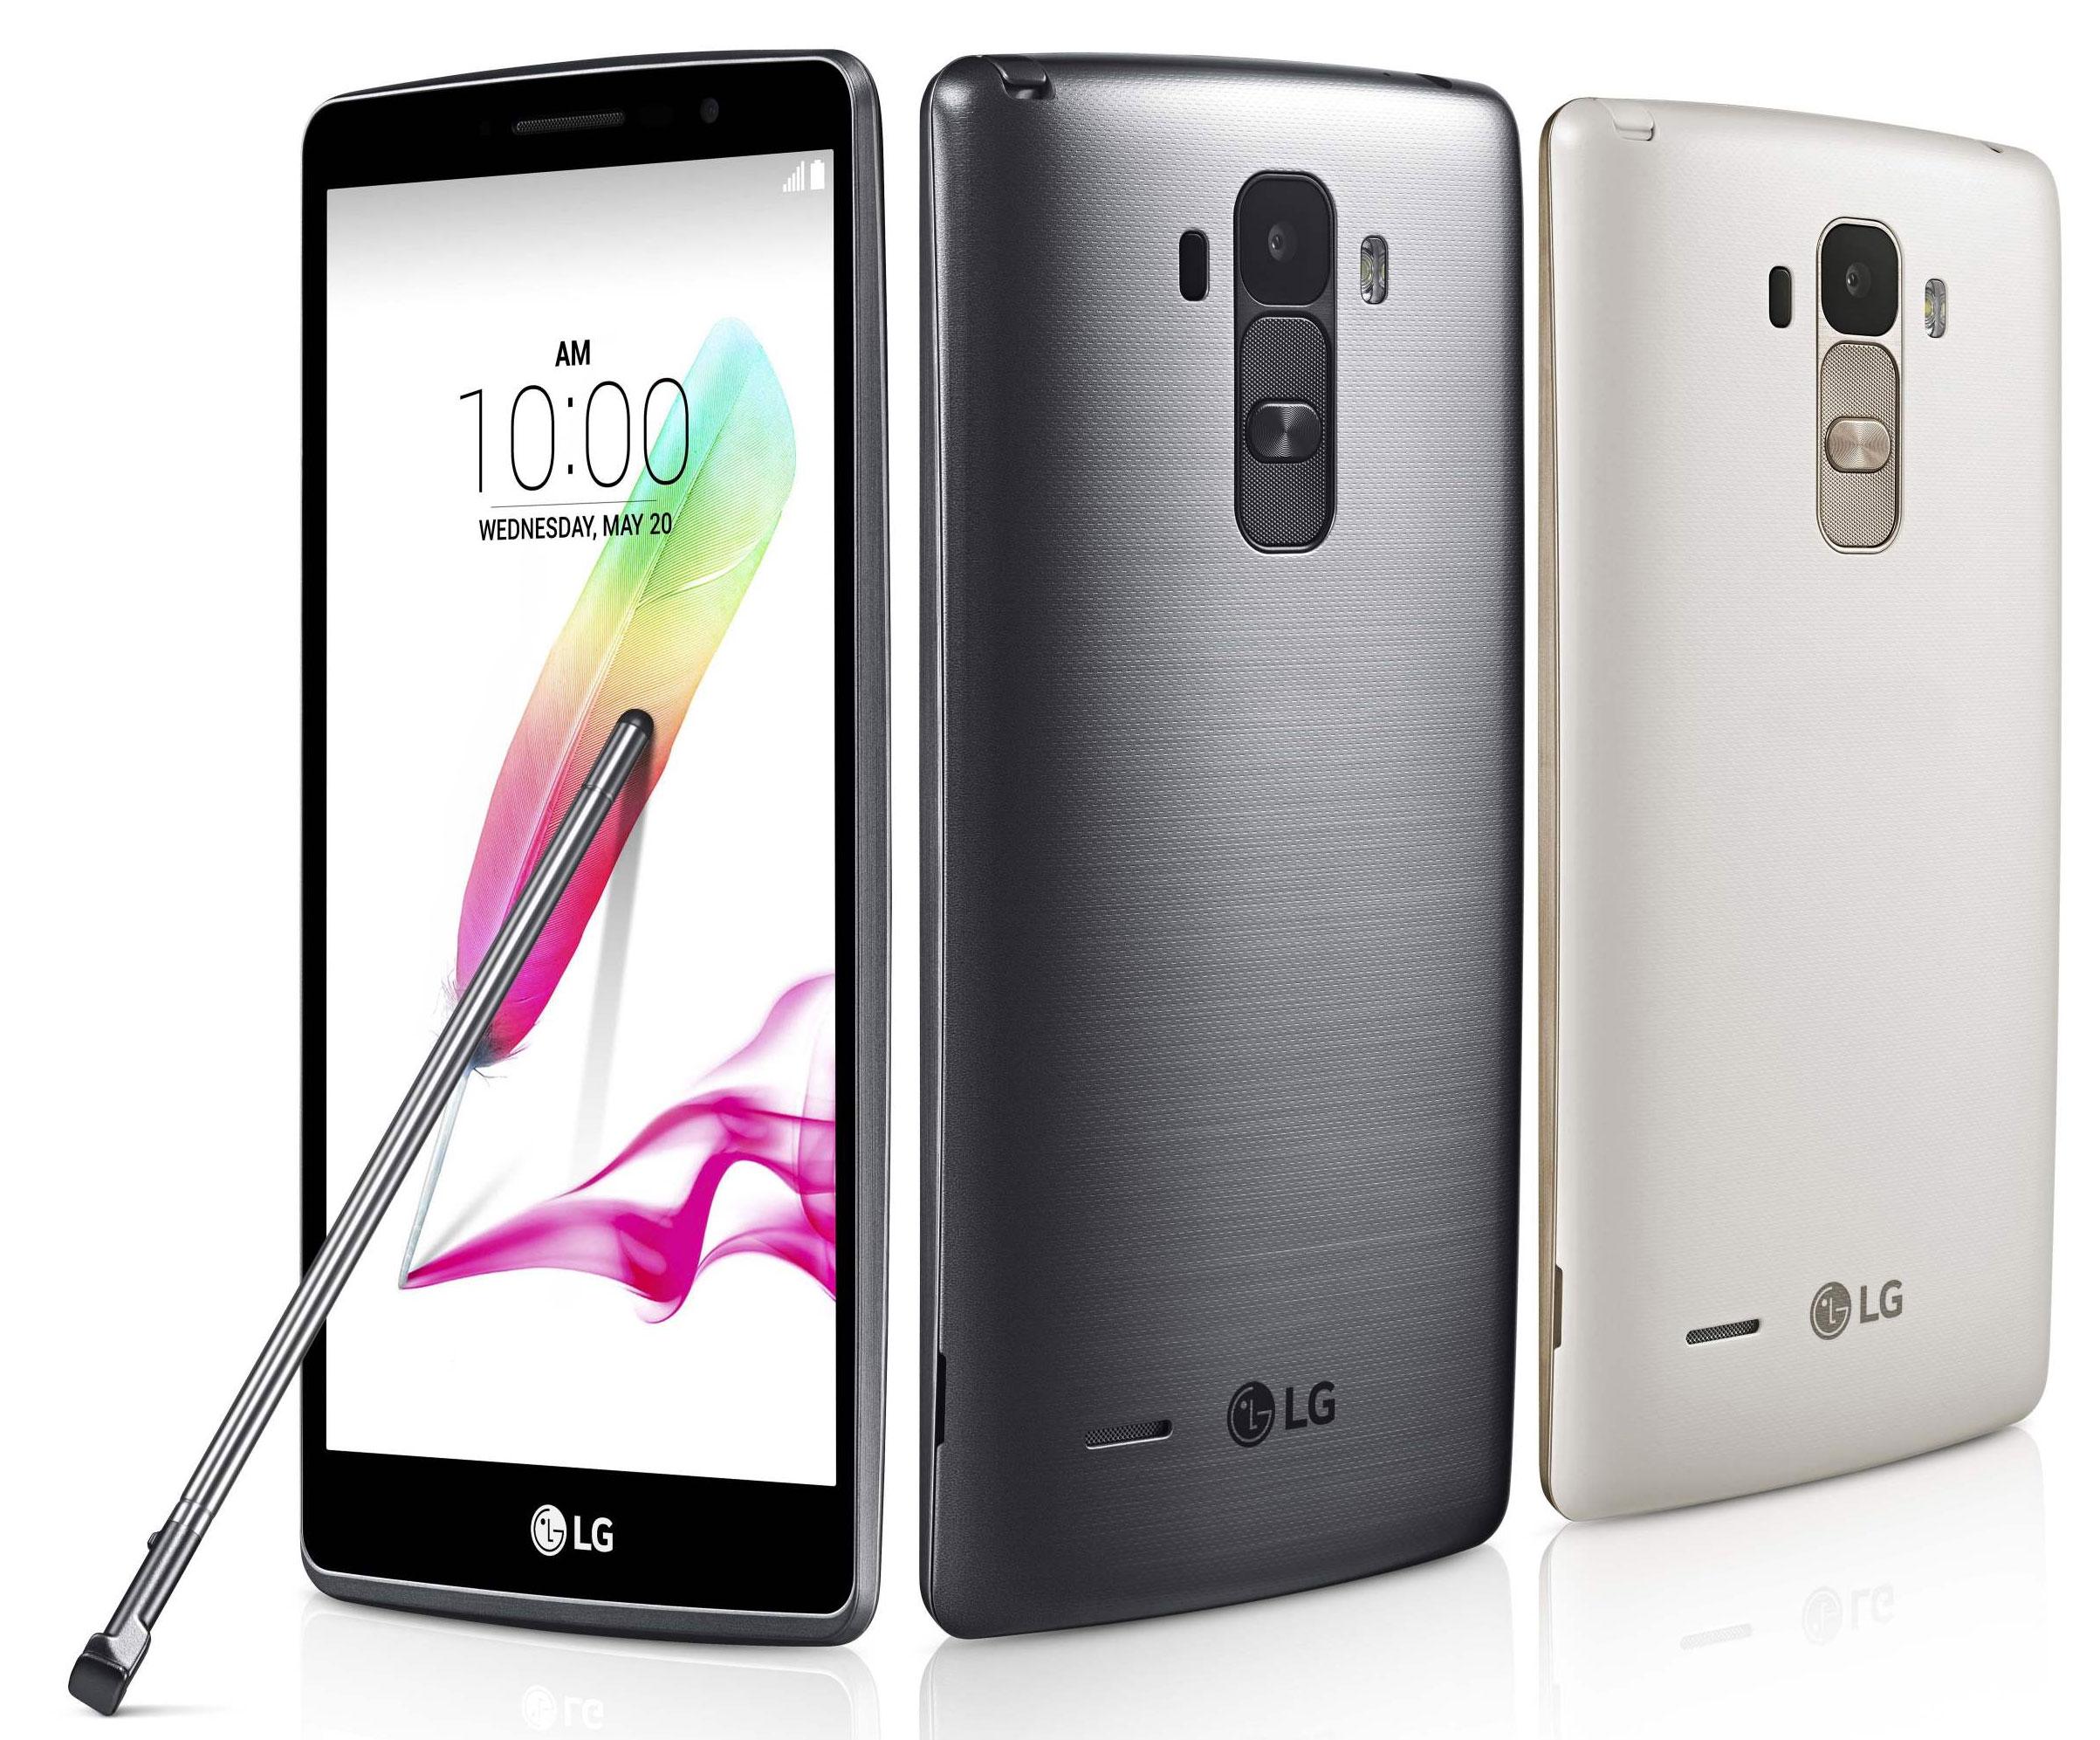 LG G STYLO LS770 SOFTWARE UPDATE - lg.com